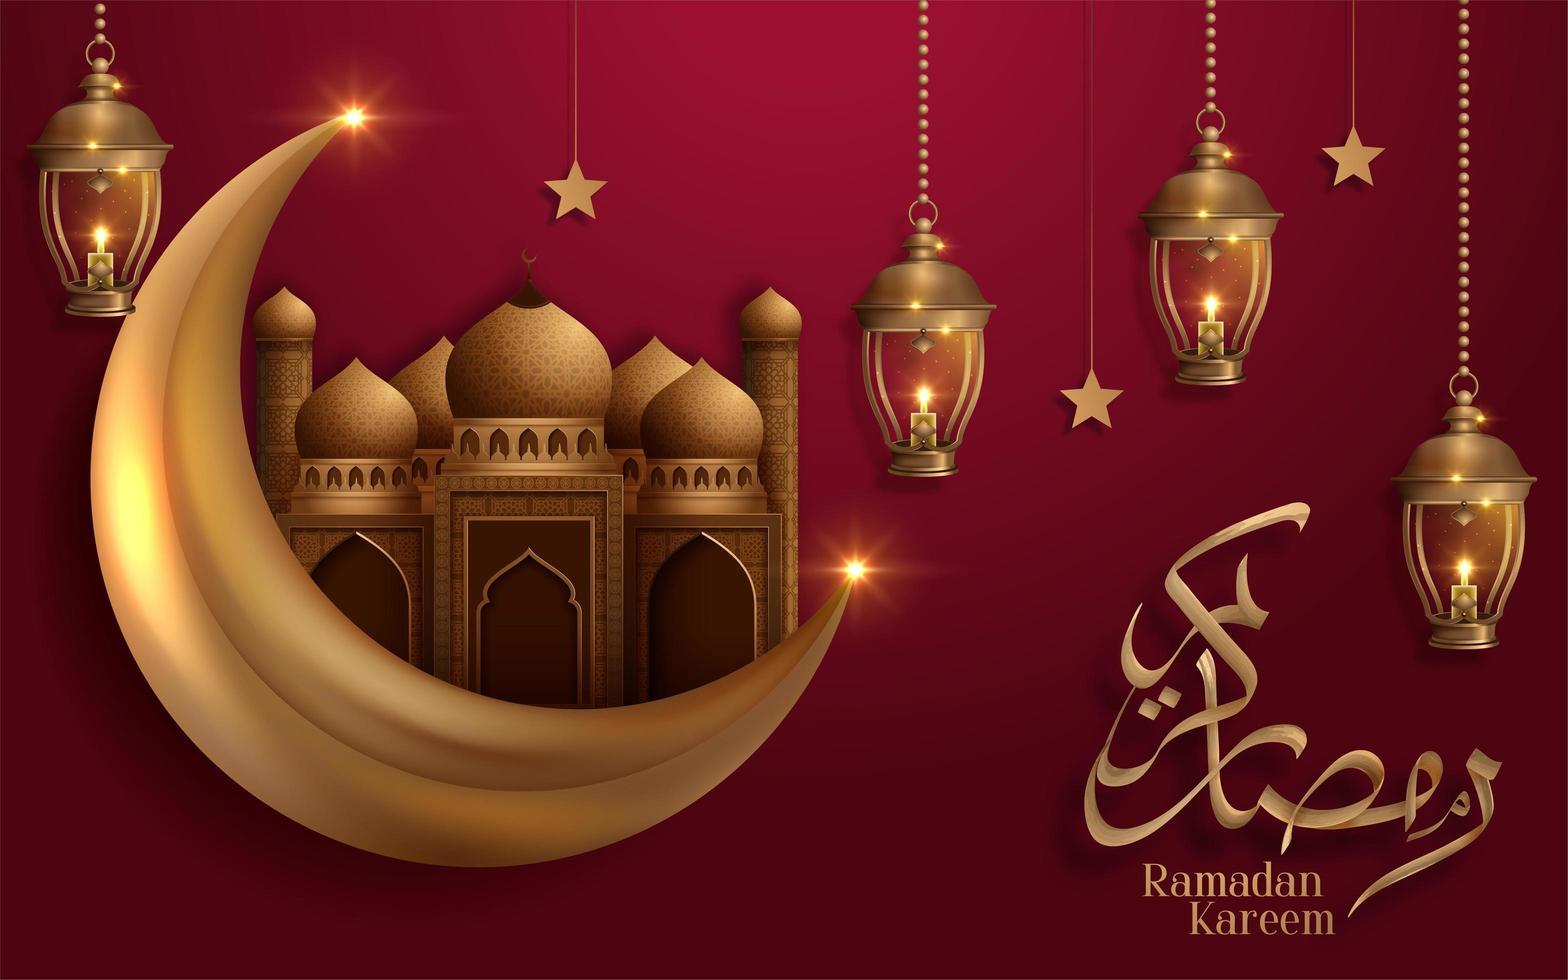 Goldener Mond und Moschee des Ramadan Kareem auf rotem Design vektor